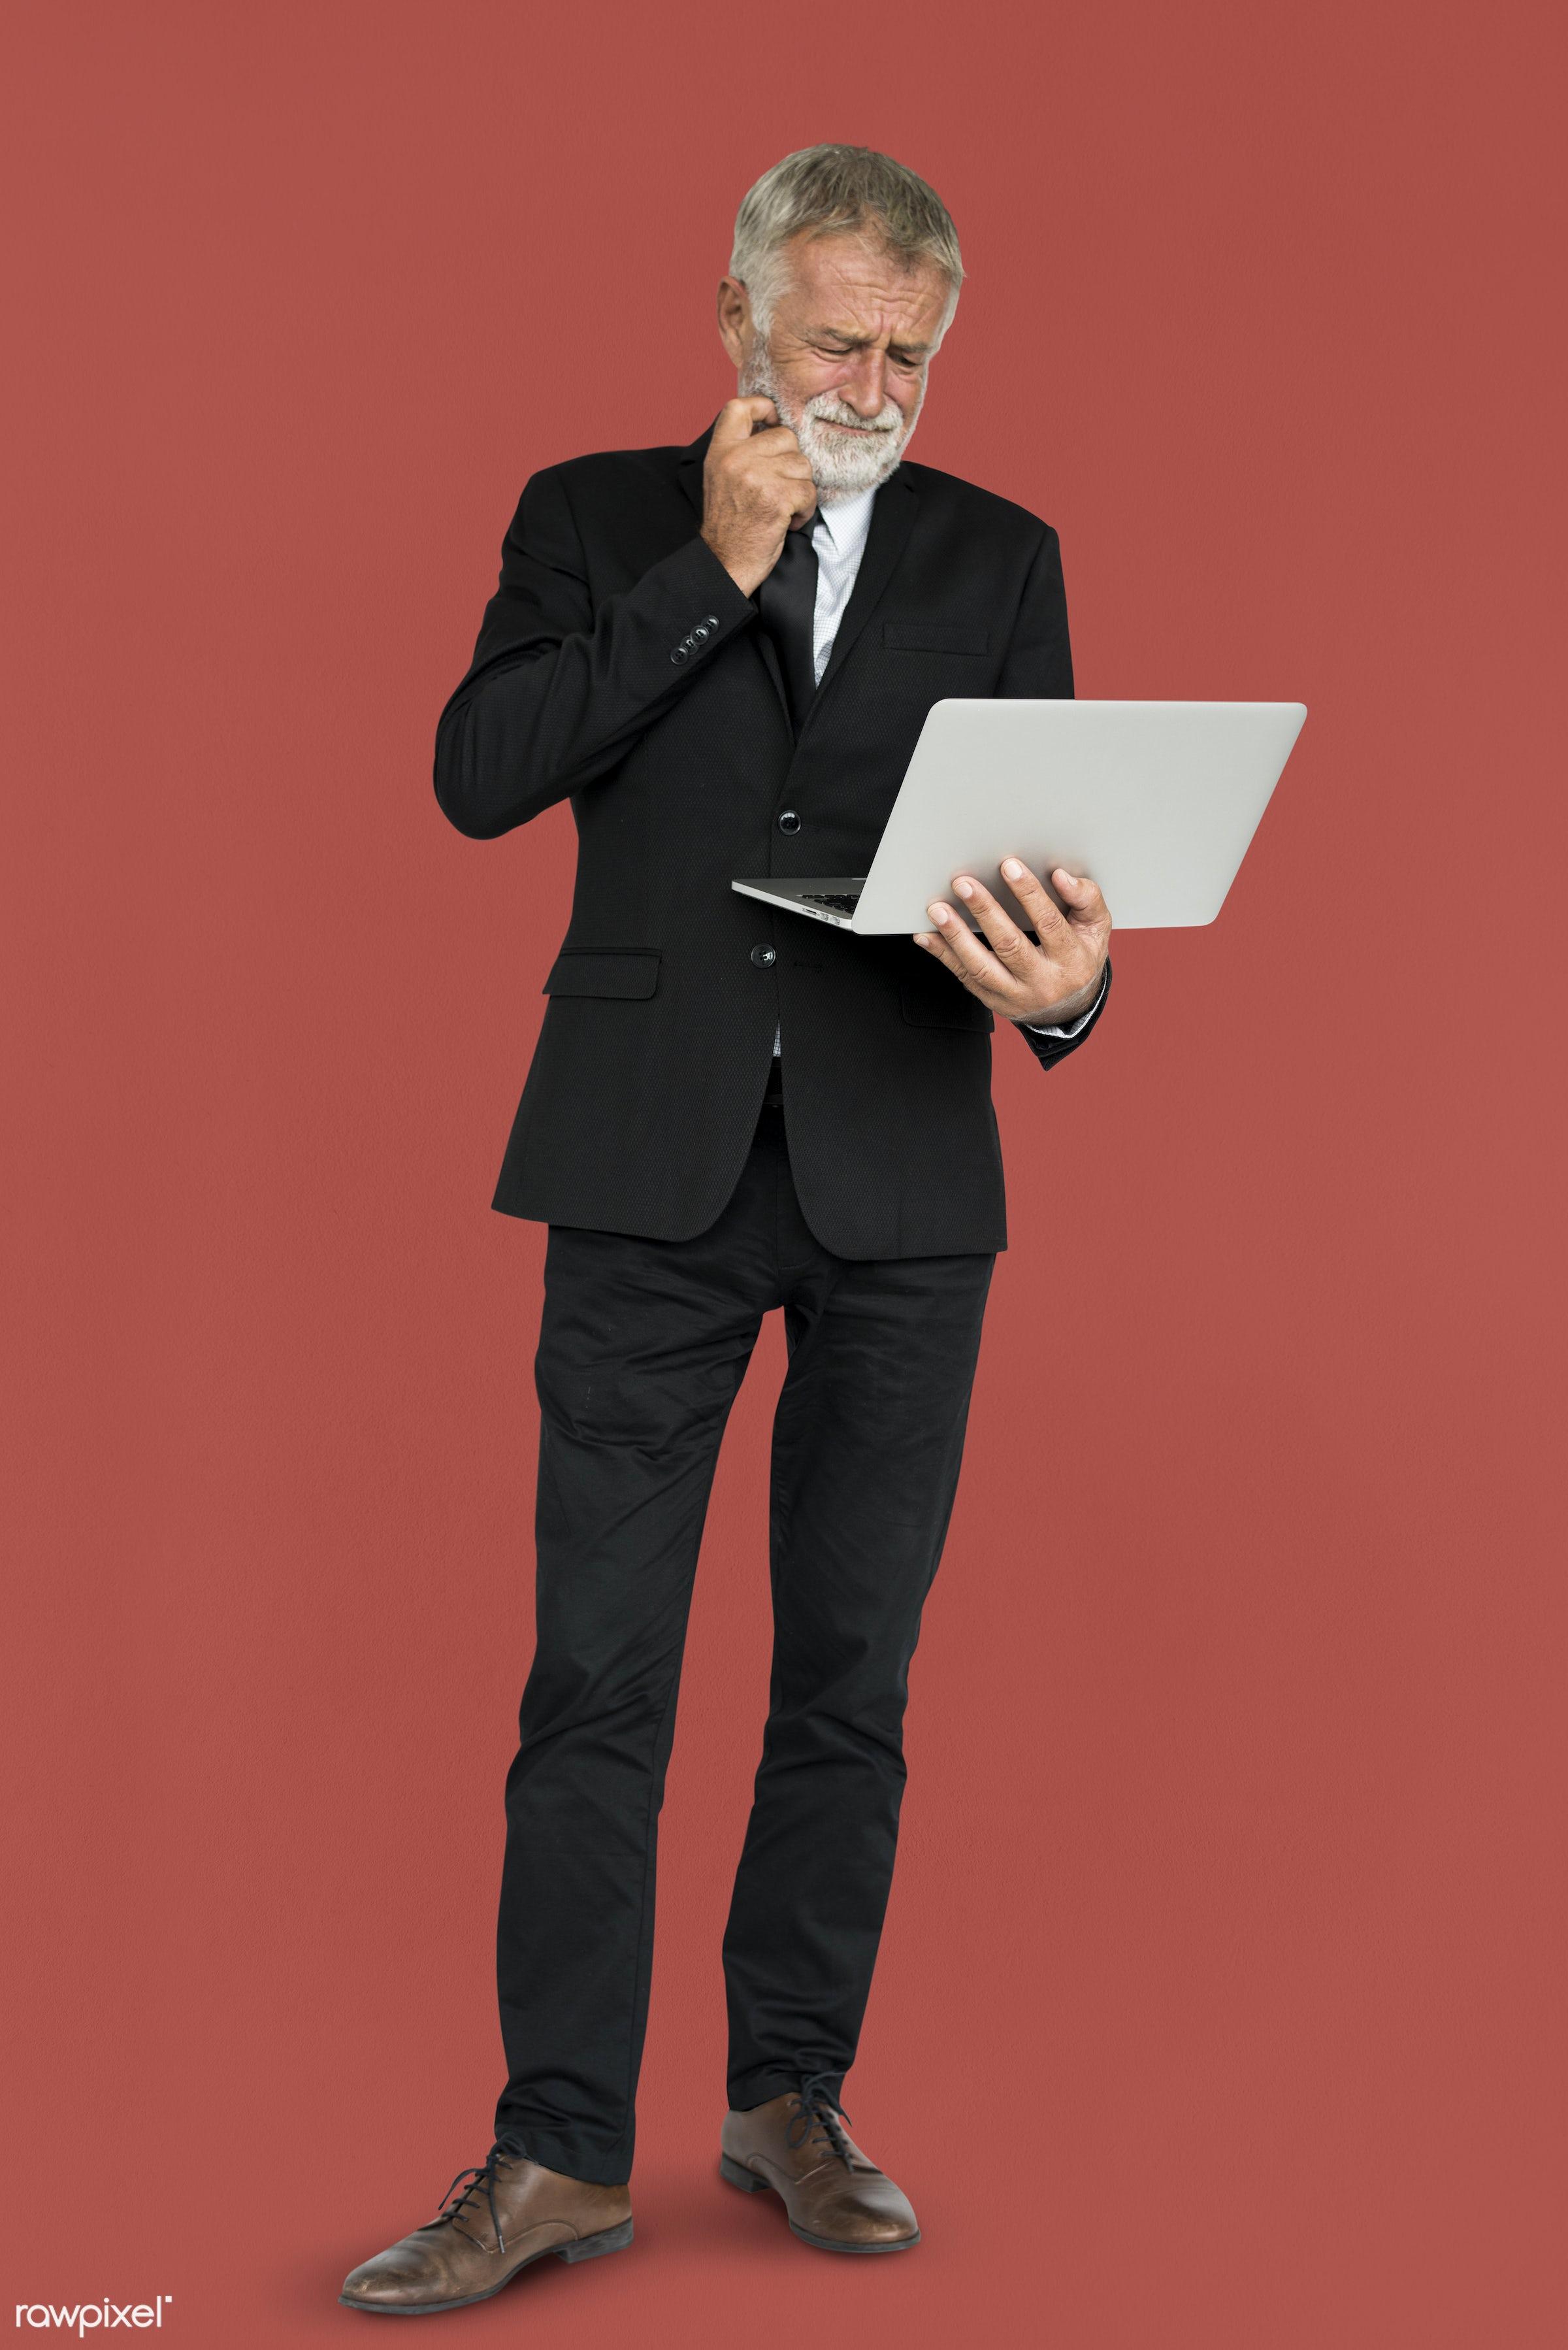 beard, business, laptop, man, senior, standing, suit, thinking, work, working